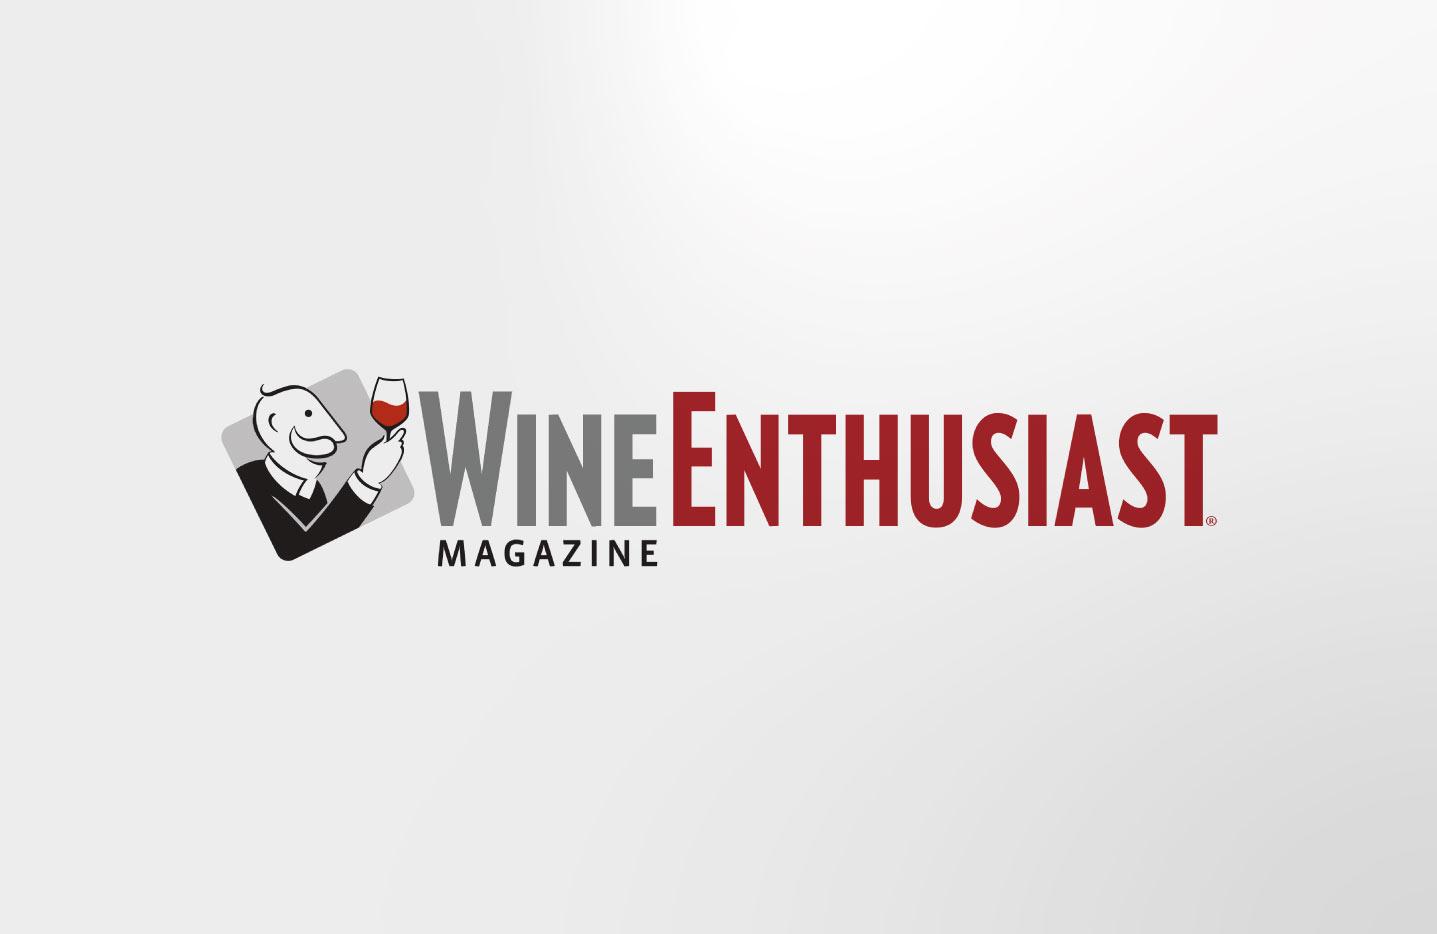 Os melhores portugueses pela Wine Enthusiast